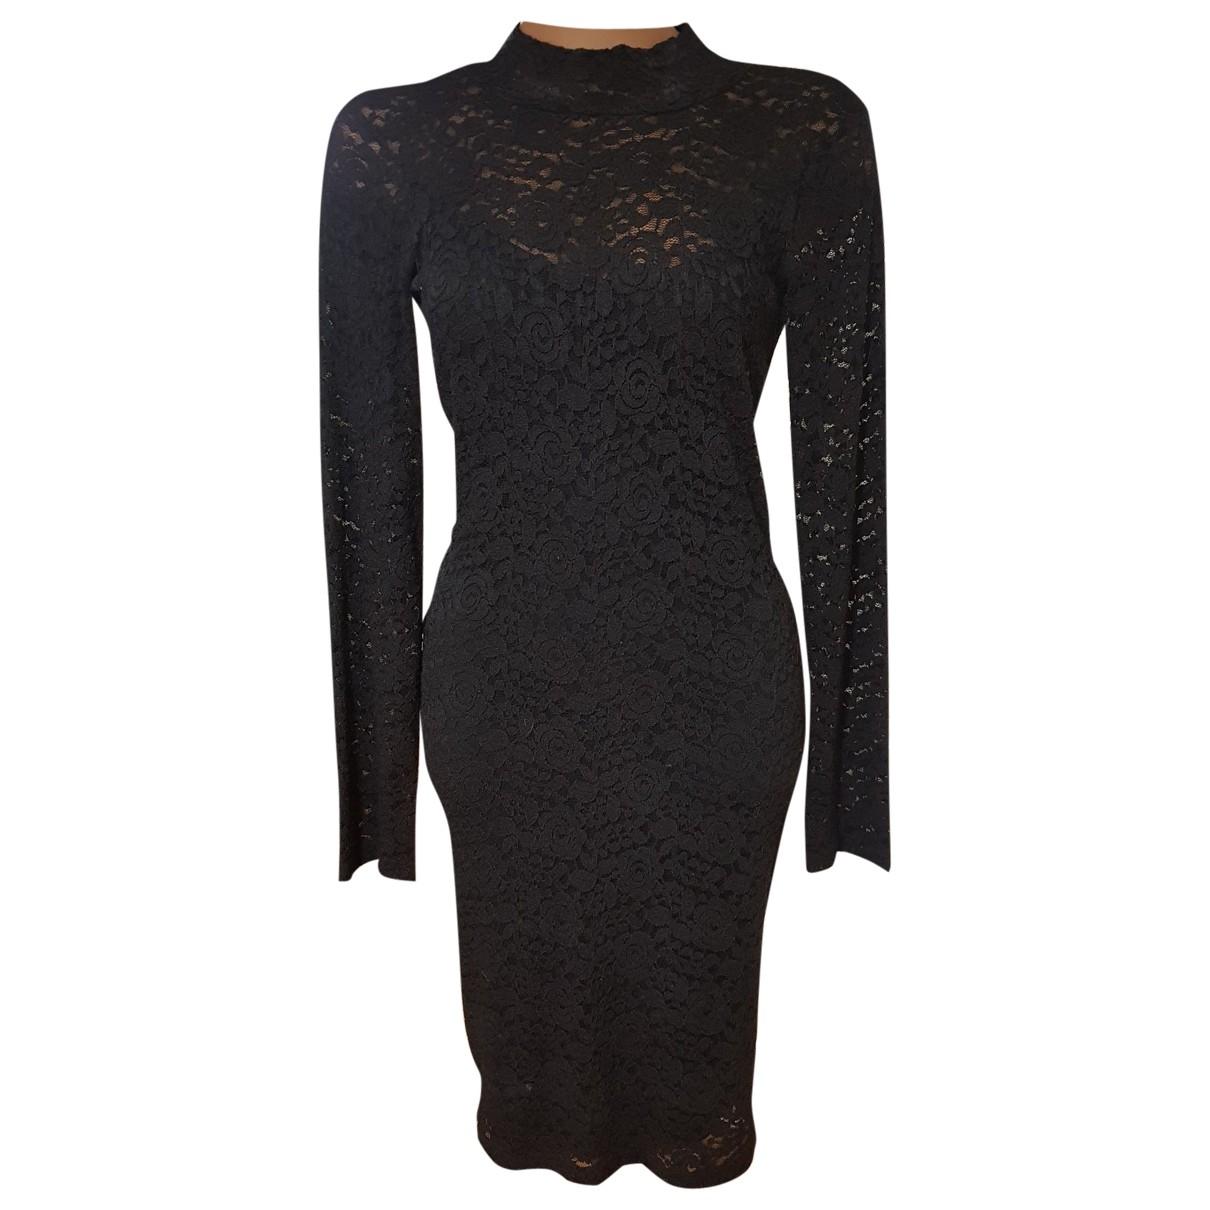 Guess - Robe   pour femme en dentelle - noir